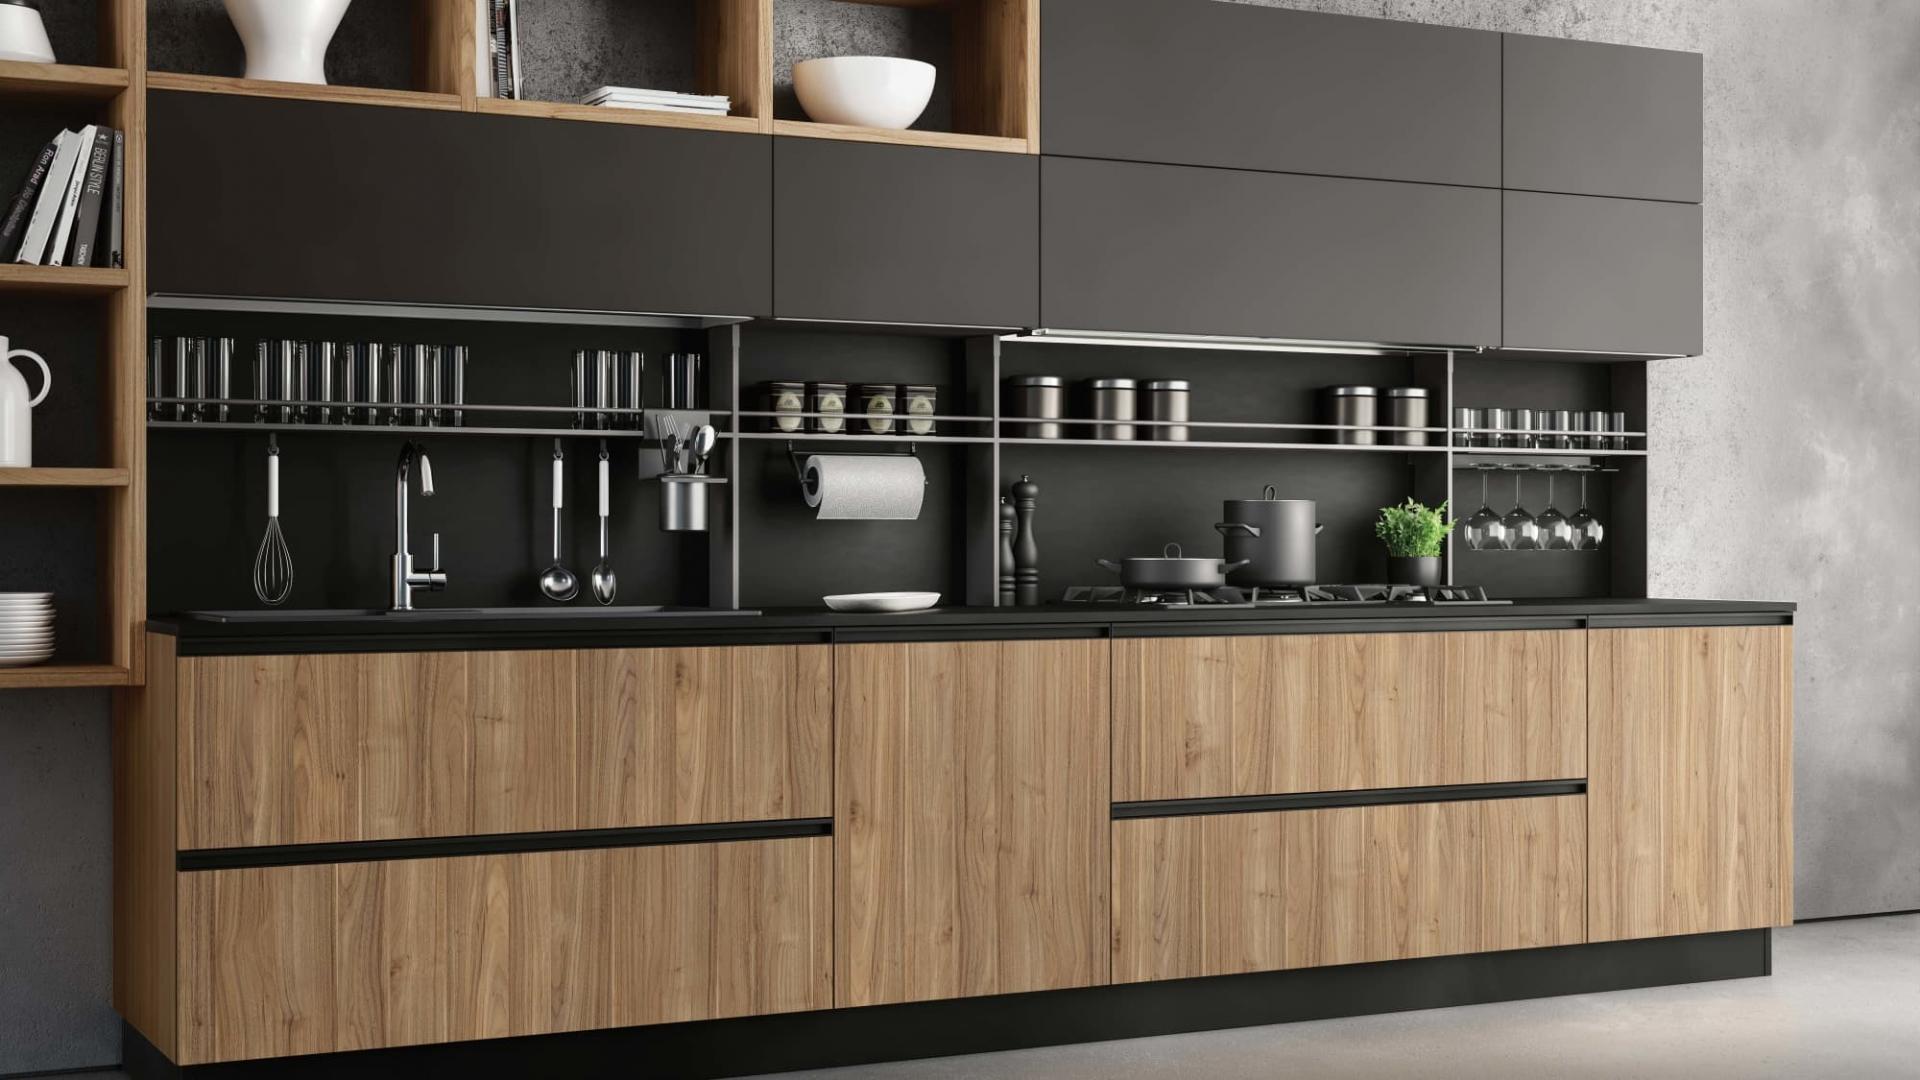 Stunning arredo casa cucine contemporary ideas design - Cucine nuovo arredo ...